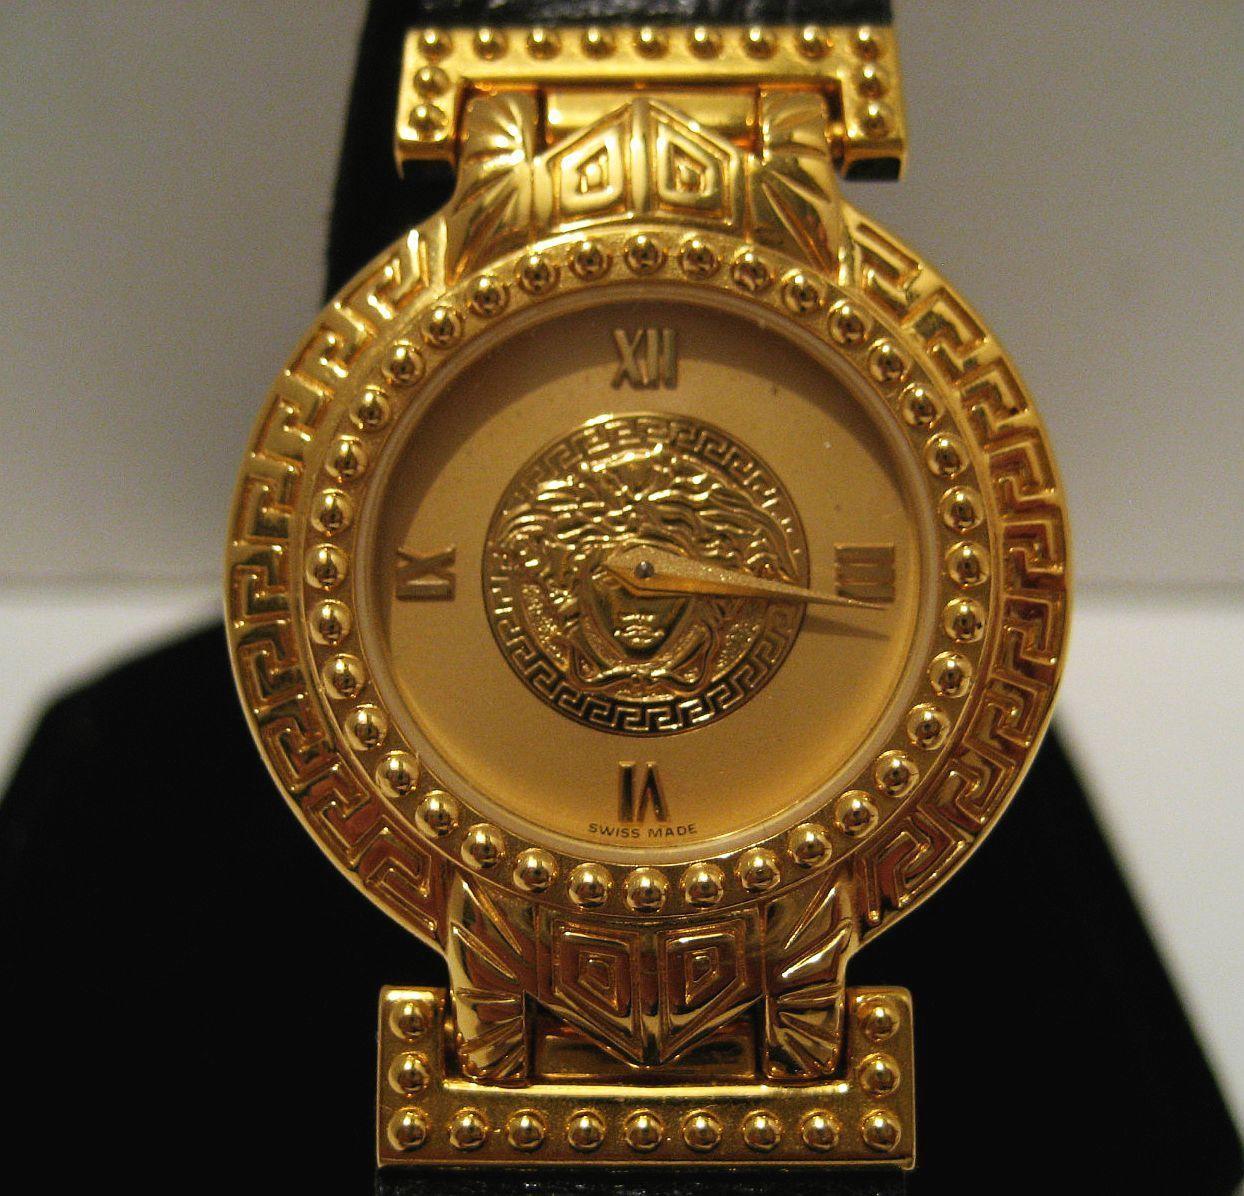 Versace Watches For Men 2019